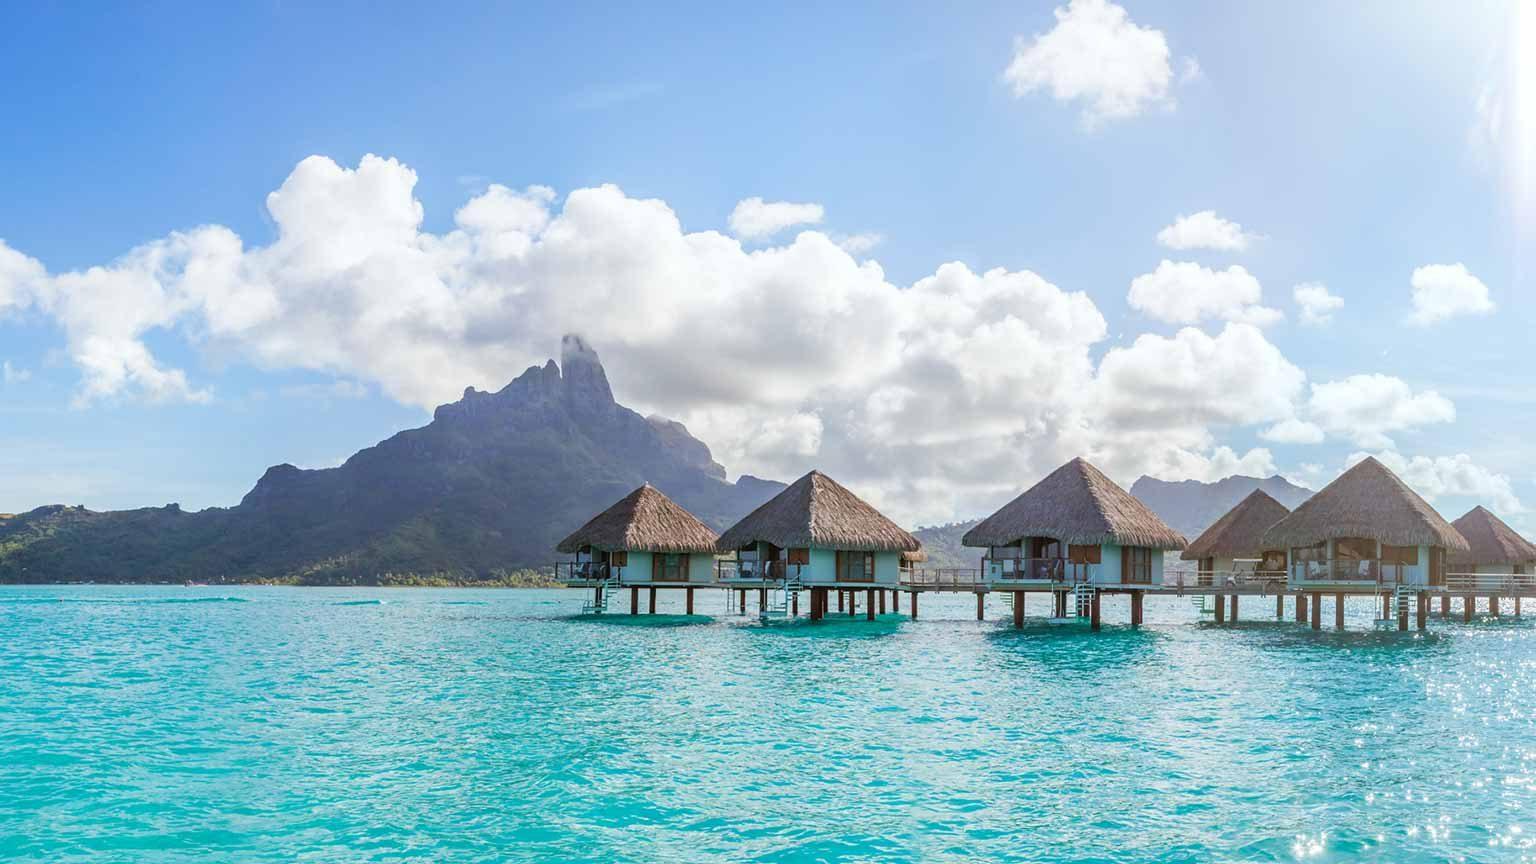 Bungalow accommodation in Bora Bora, French Polynesia